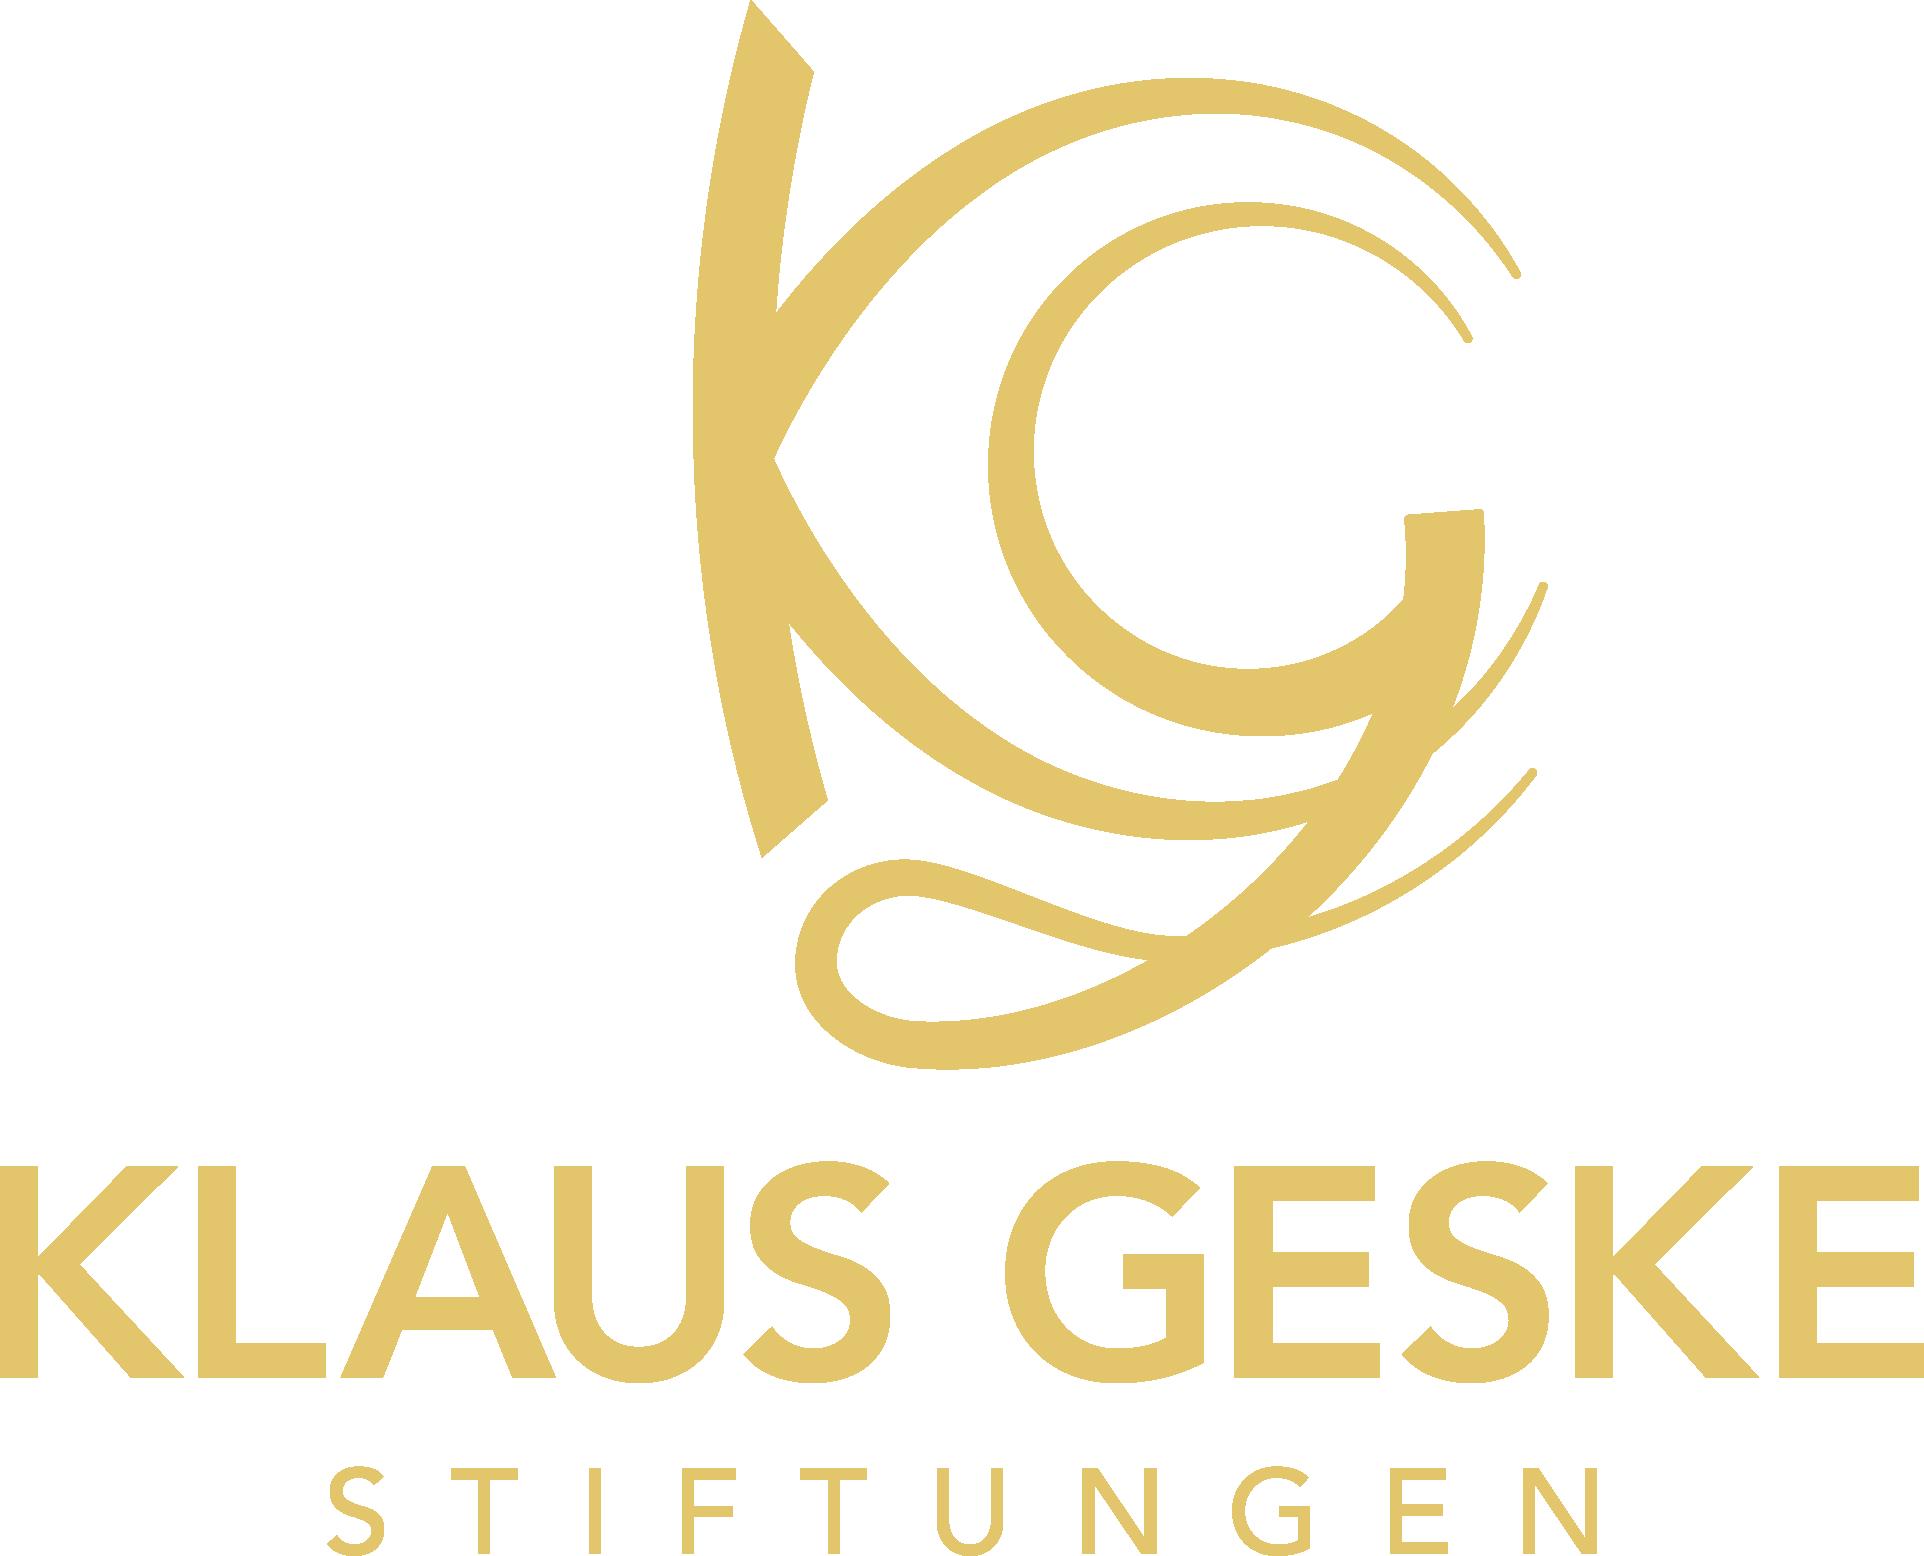 Klaus Geske Stiftungen